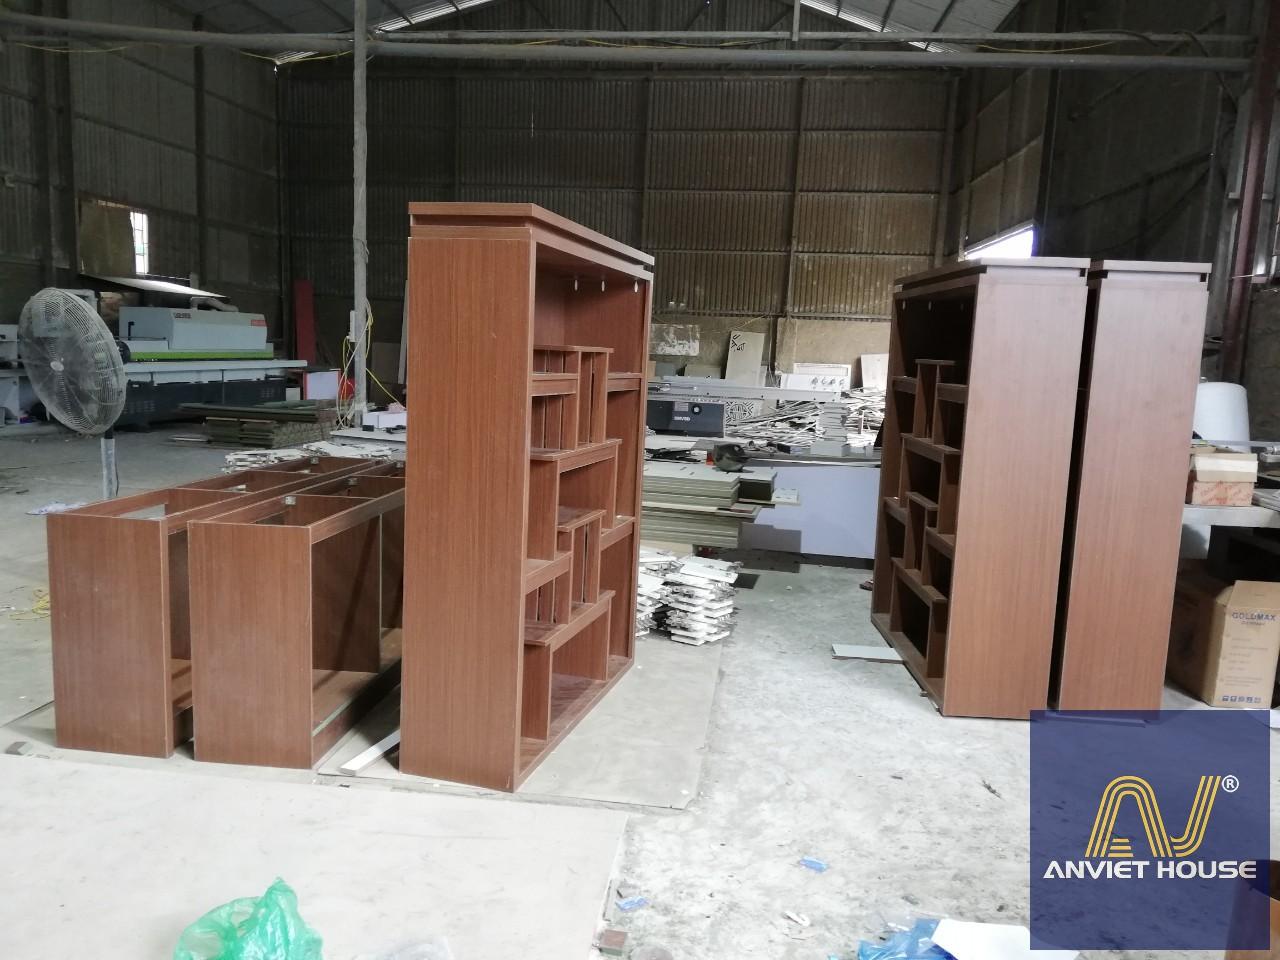 xưởng sản xuất đồ gỗ công nghiệp